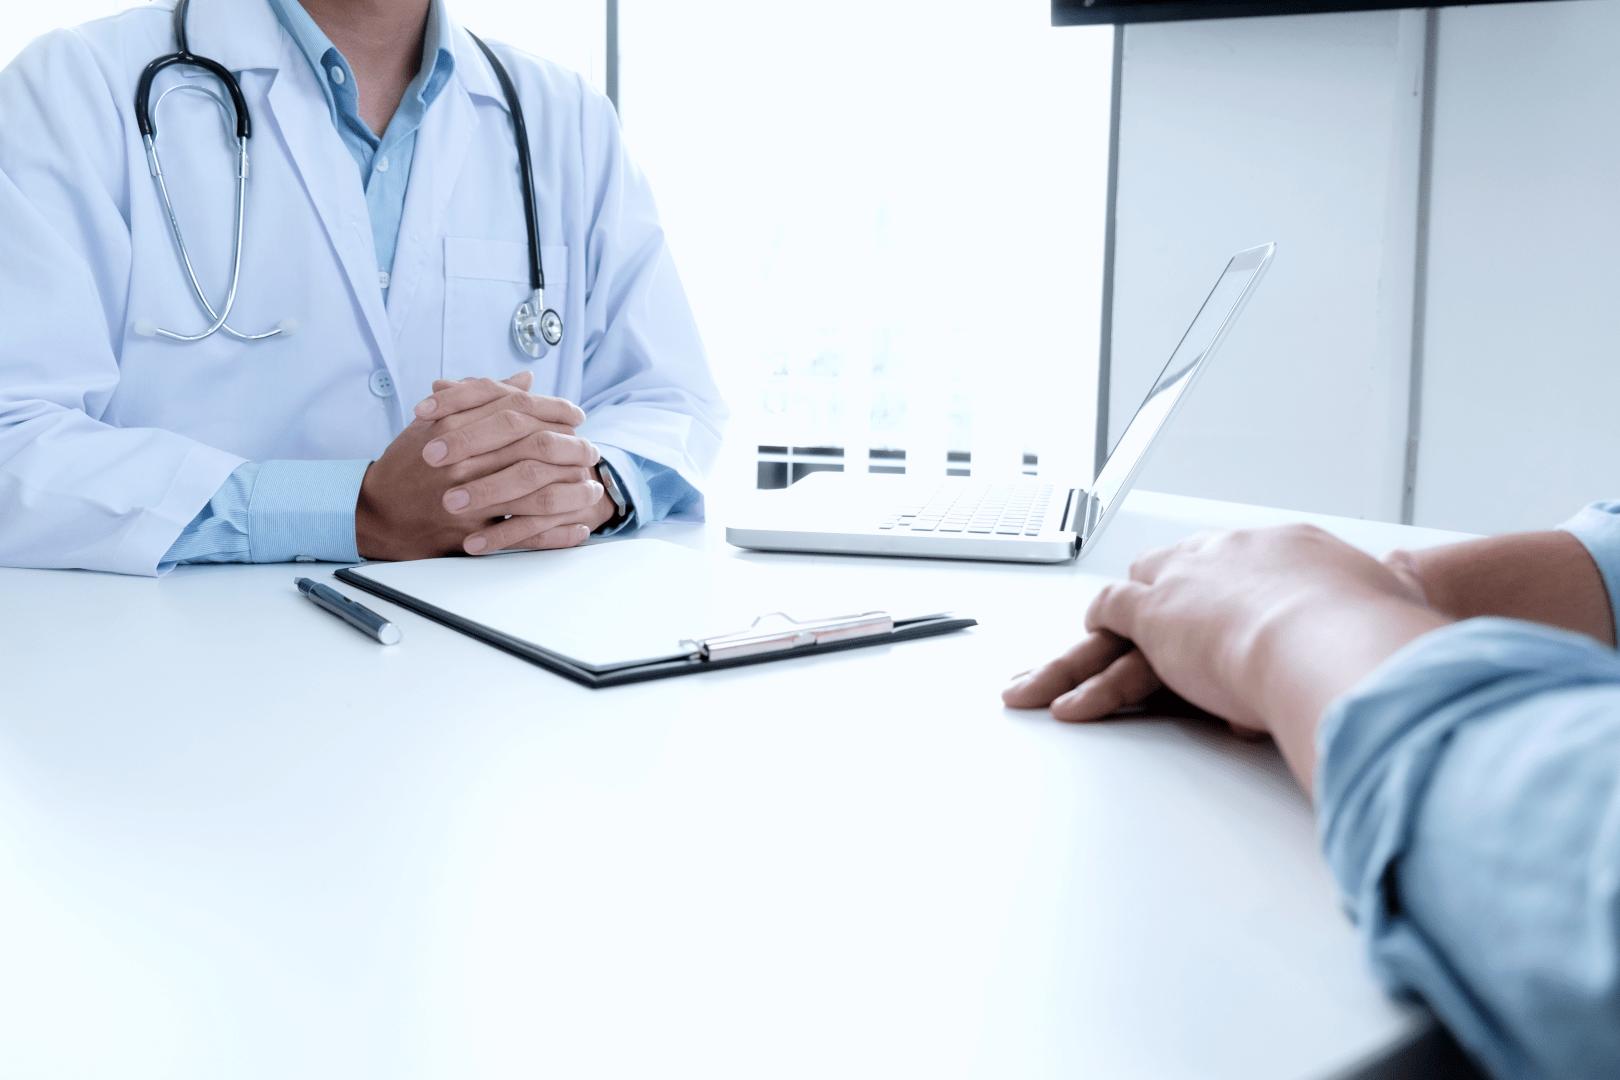 herpes genital paciente sentado no consultorio conversando com um medico